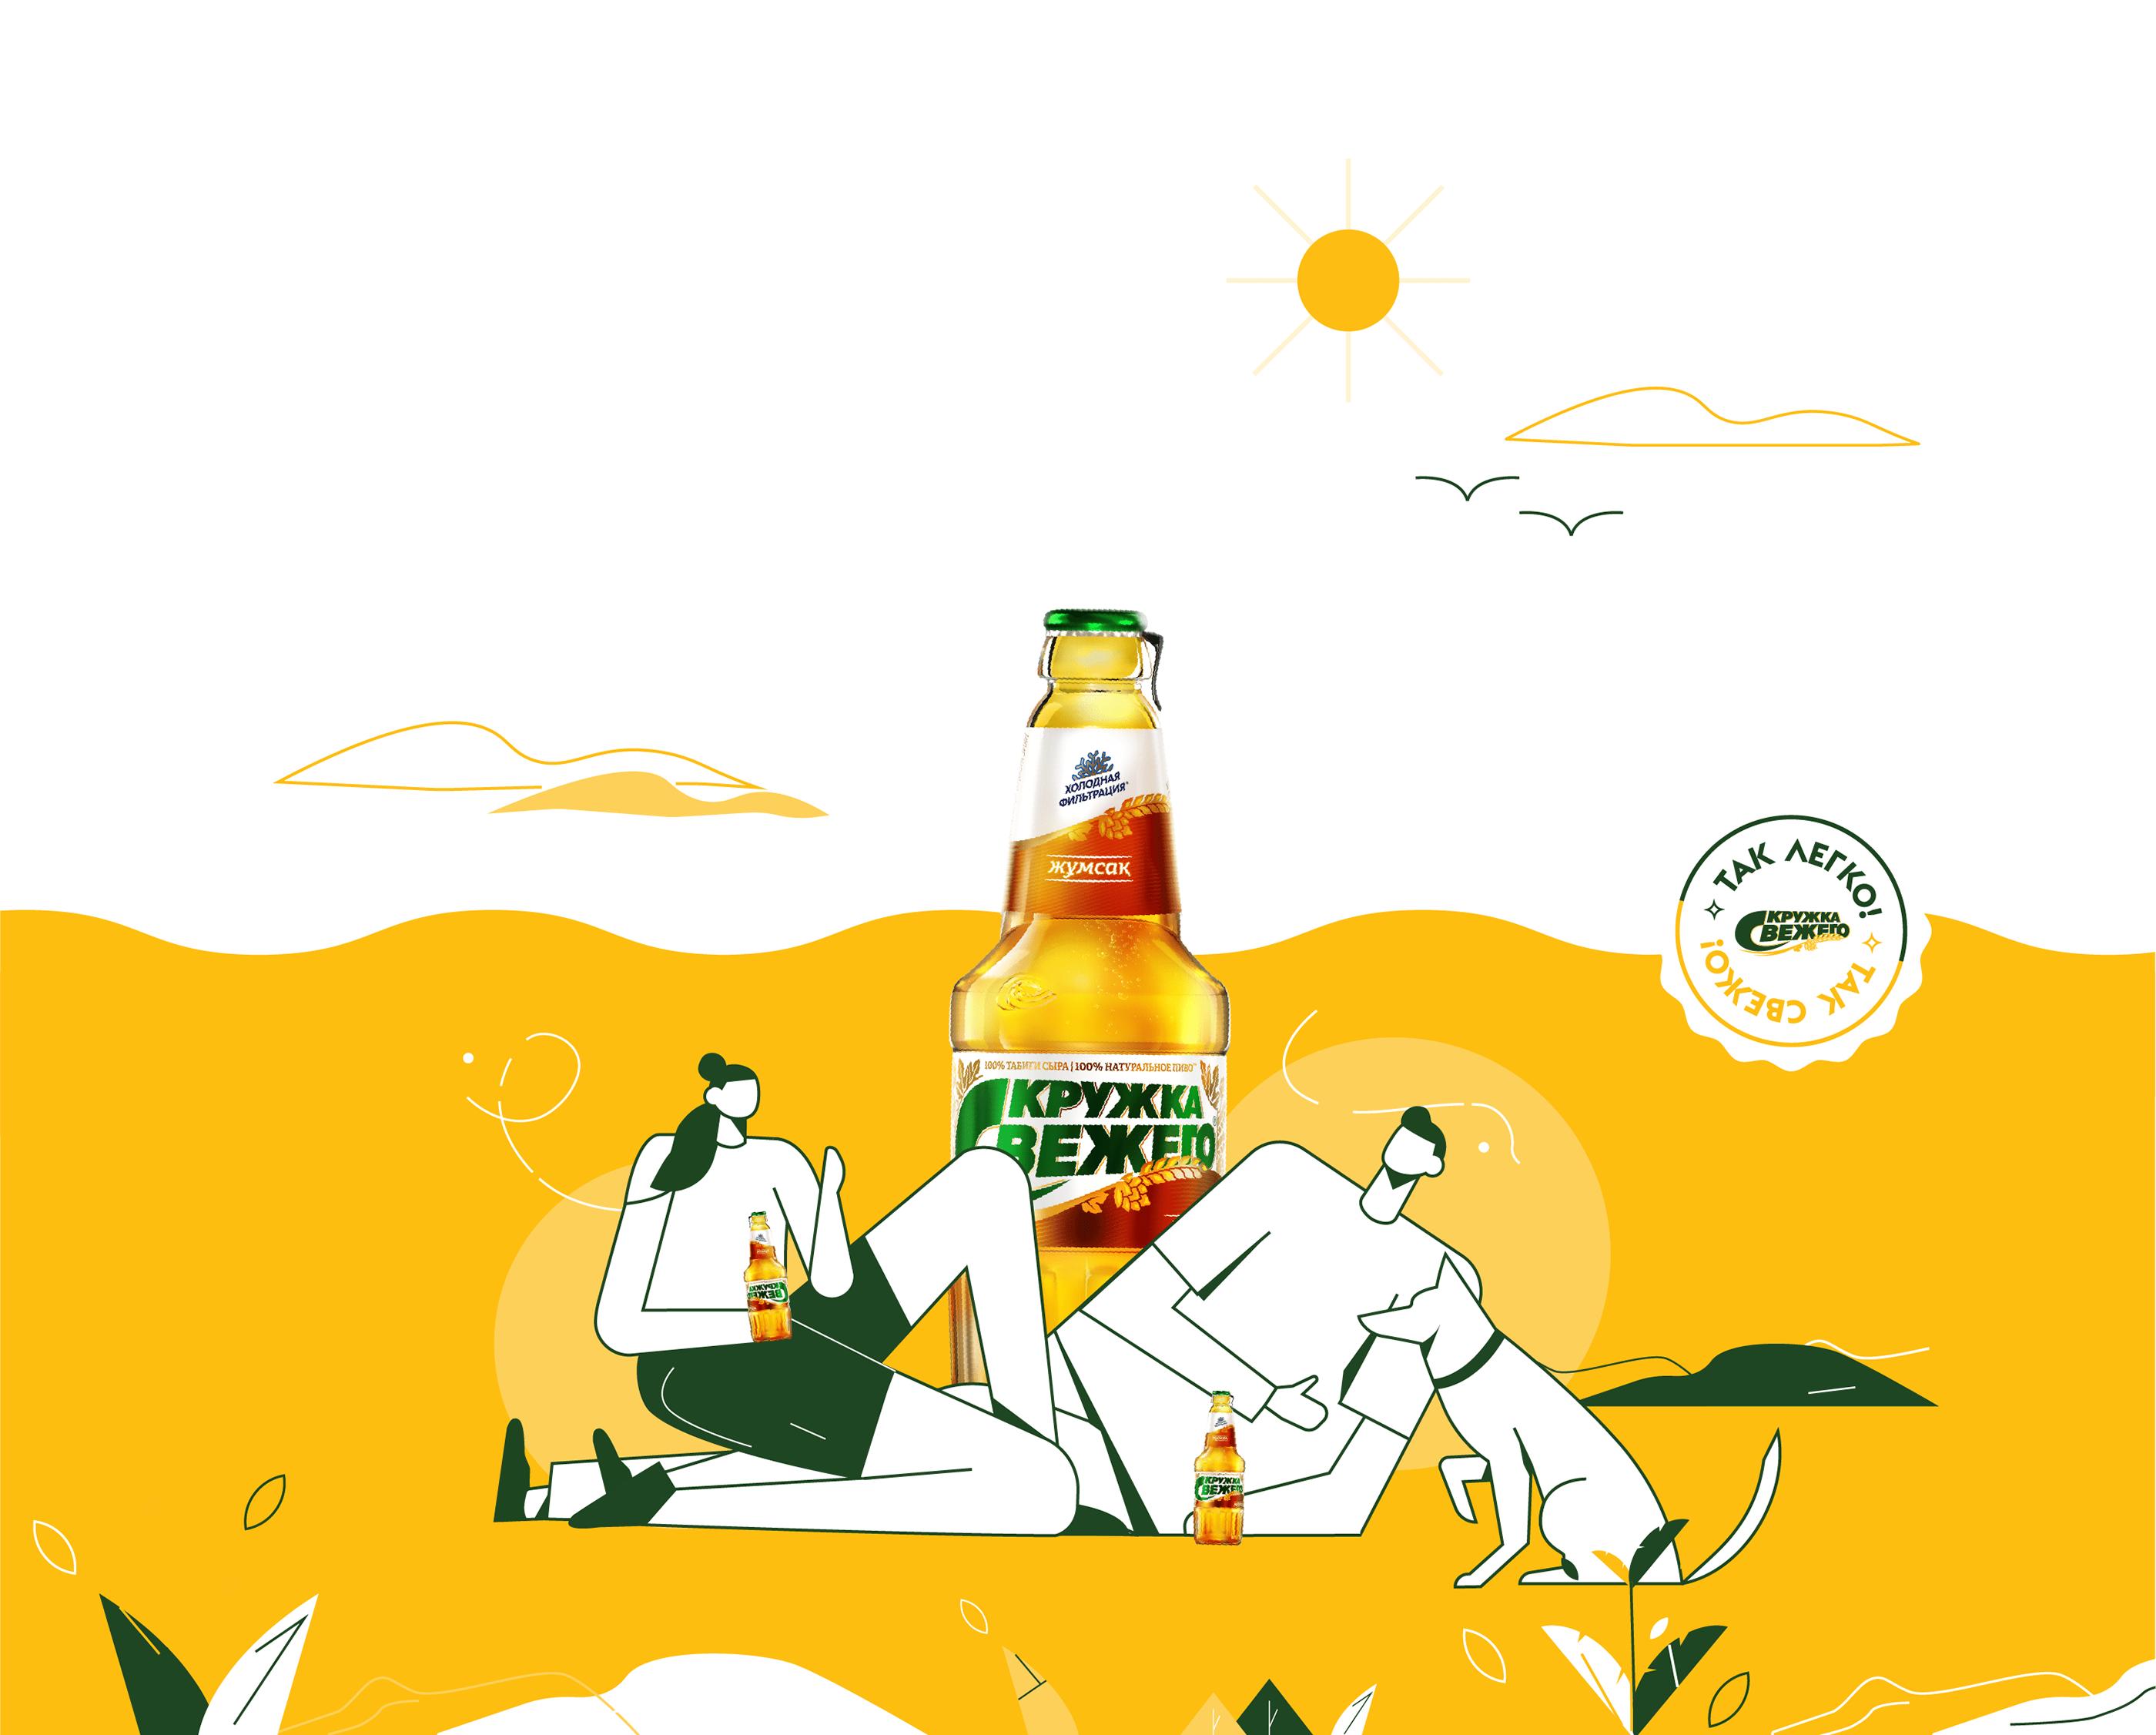 kruzhka-svezhego-beer-Gokten-Tut-1